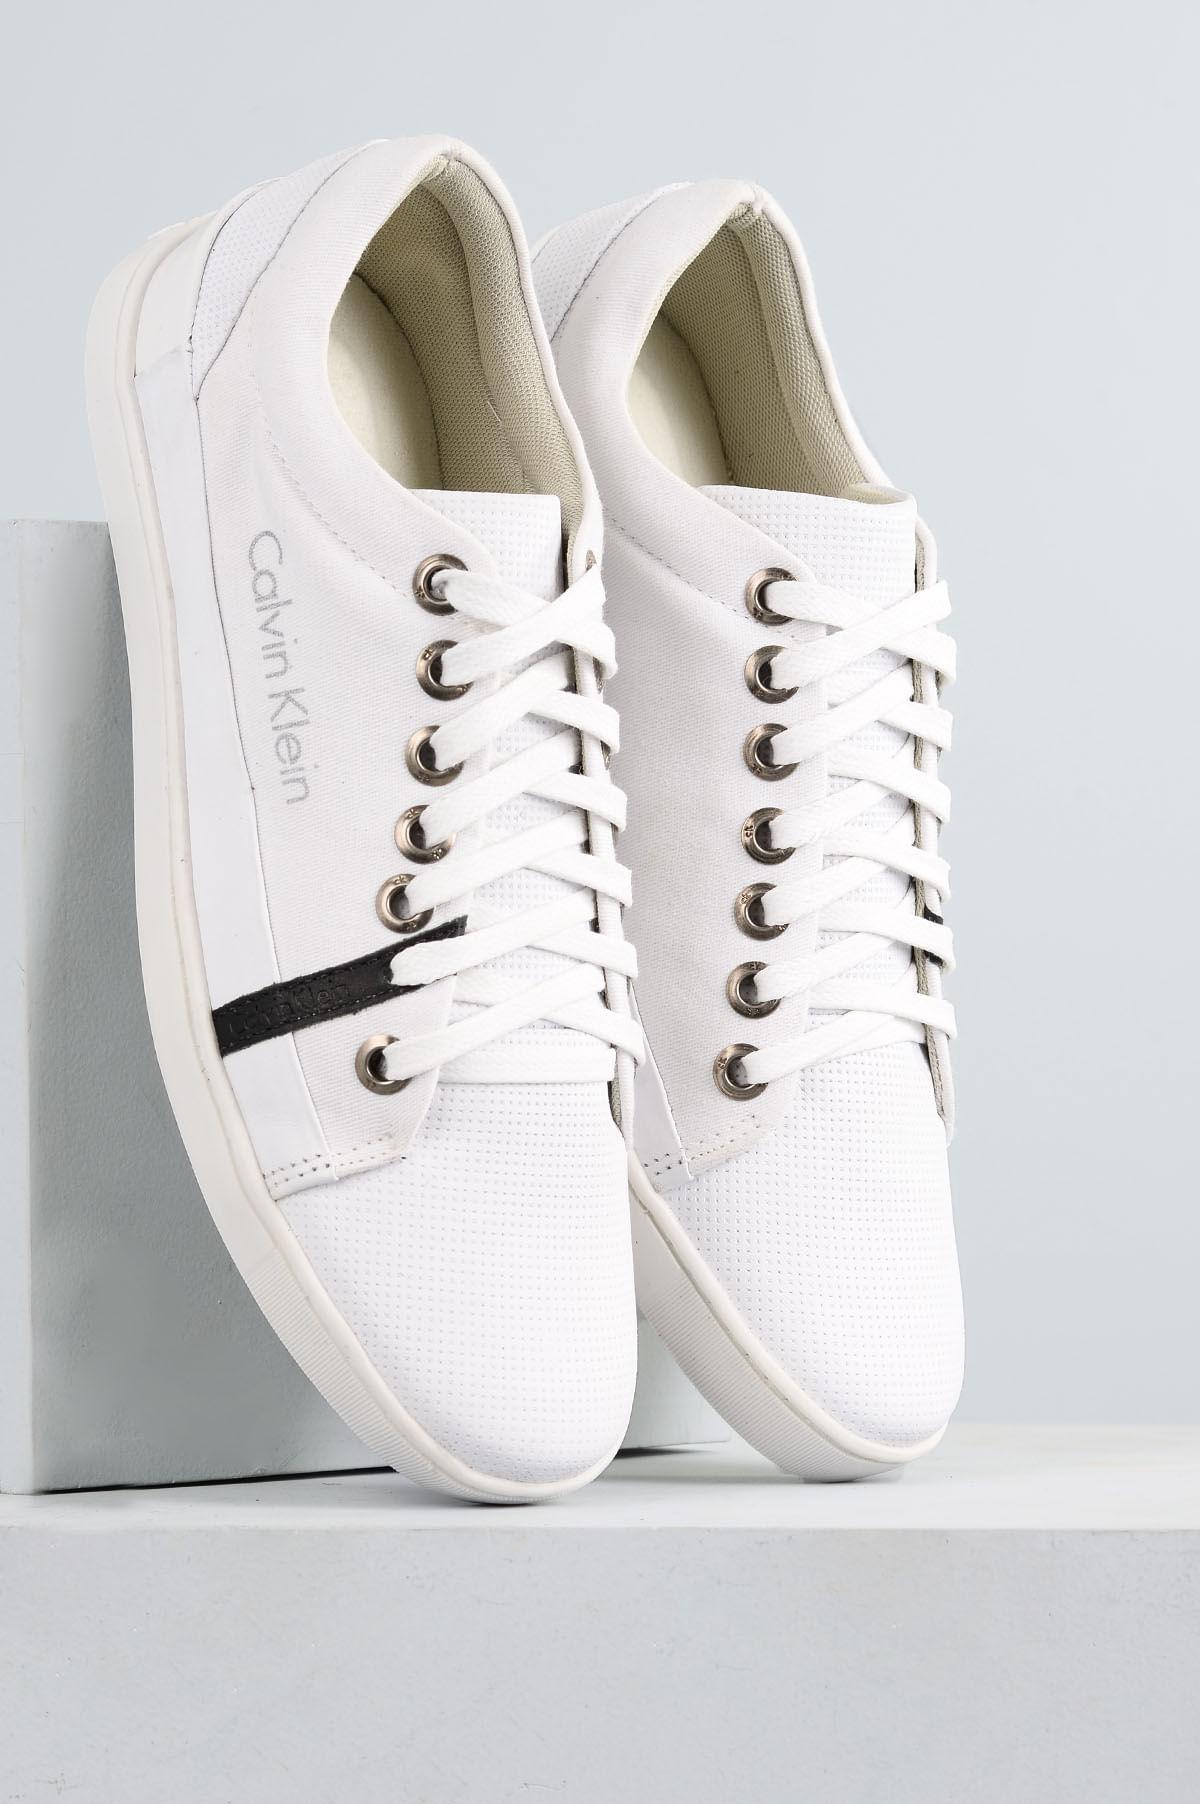 a199113a3 Sapatênis Calvin Klein Milão | Mundial Calçados - Mundial Calçados